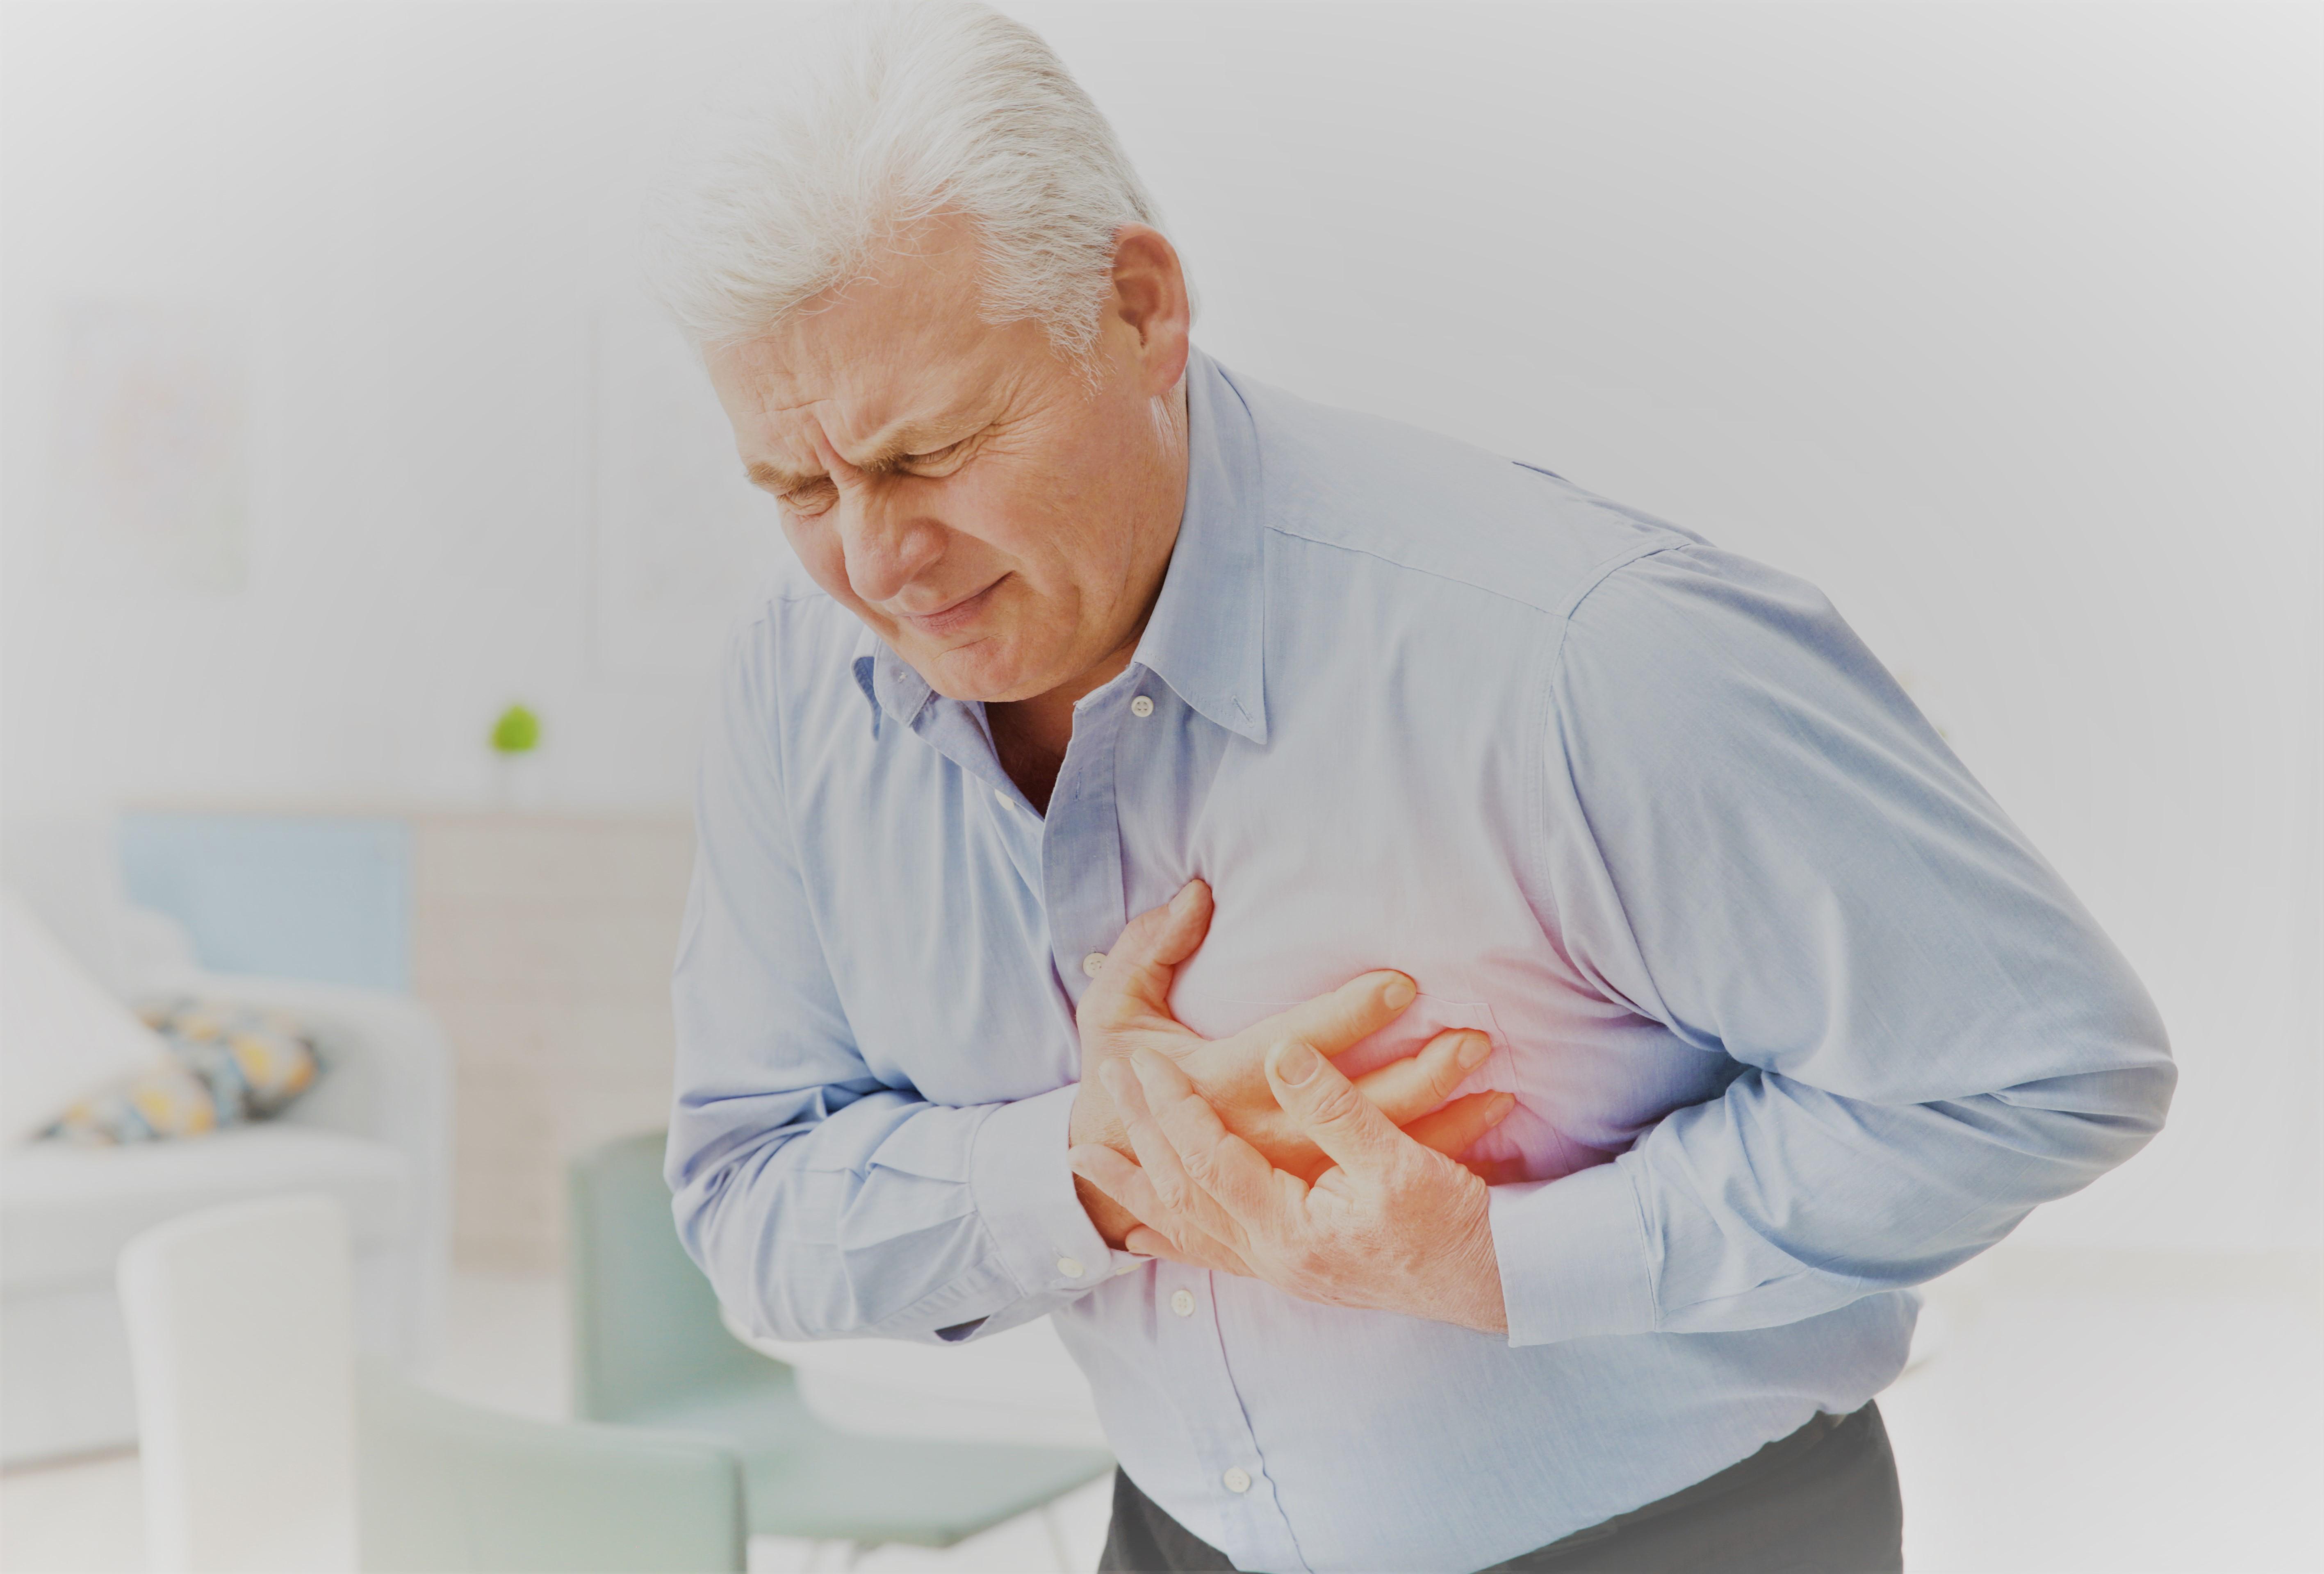 fejfájás gyengeség ízületi fájdalomban